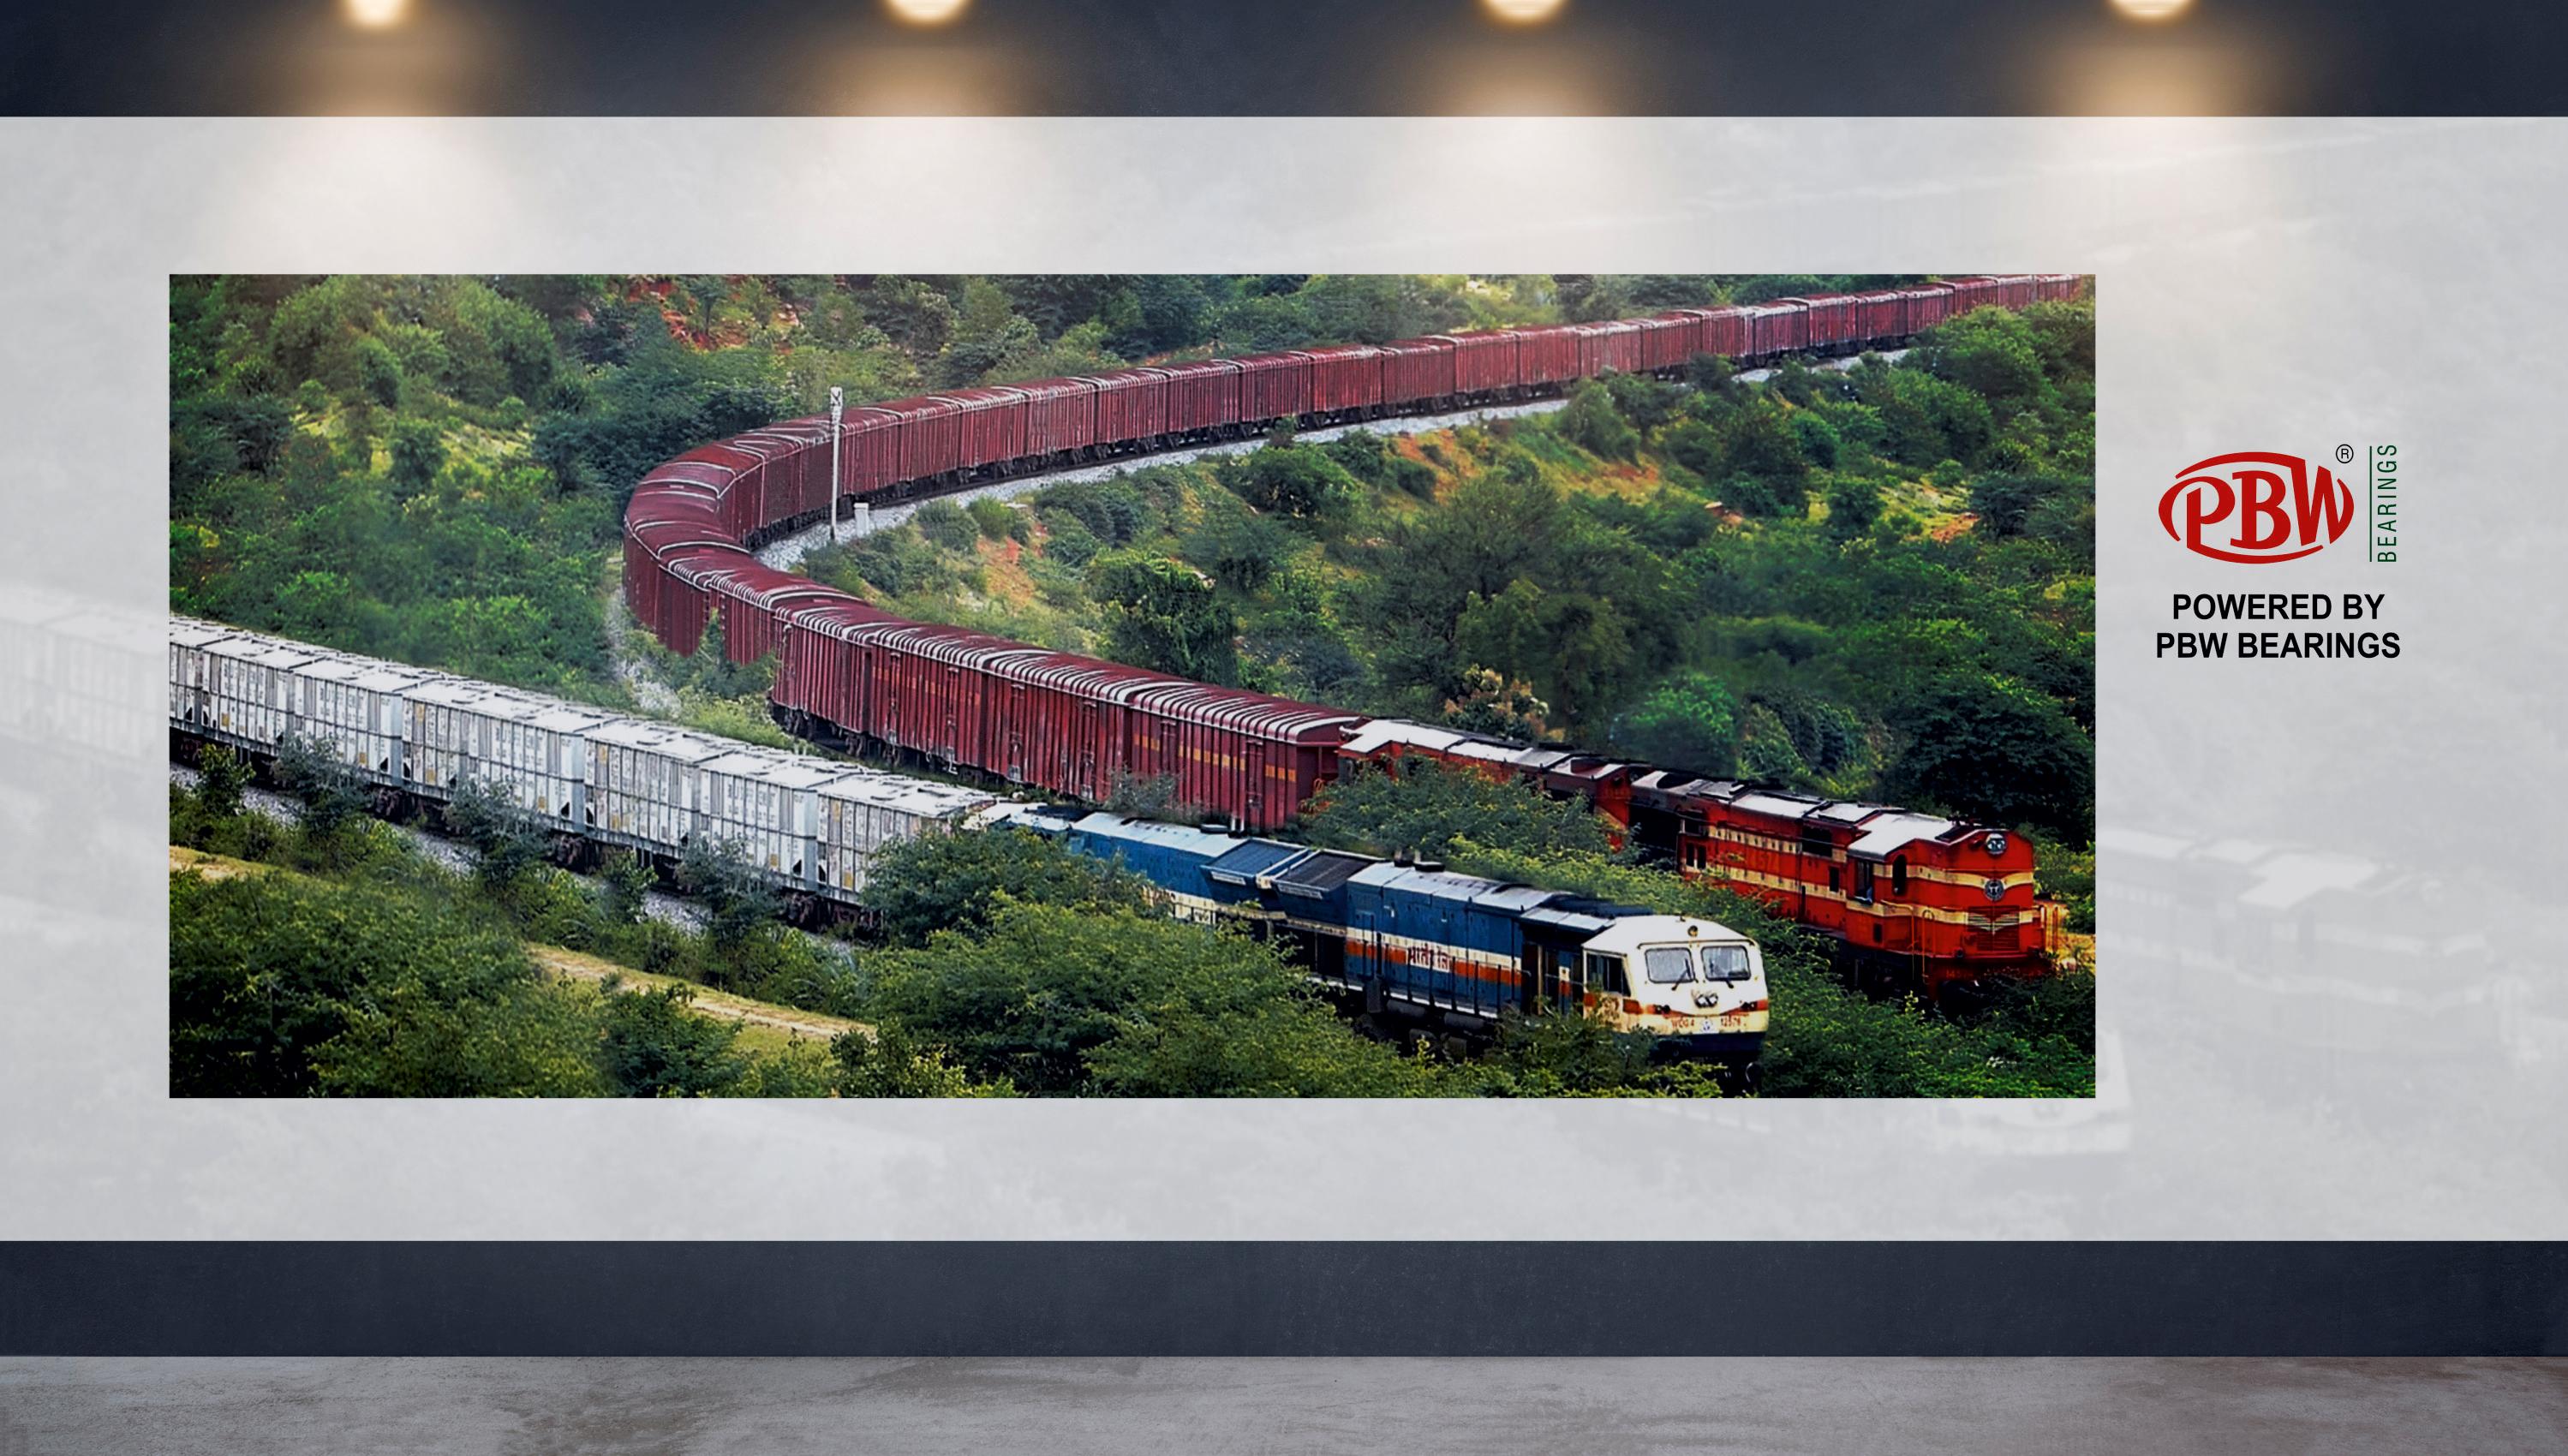 Slide -8 JPG & PSD Slide Show 2-File 3000 x 1700 - B